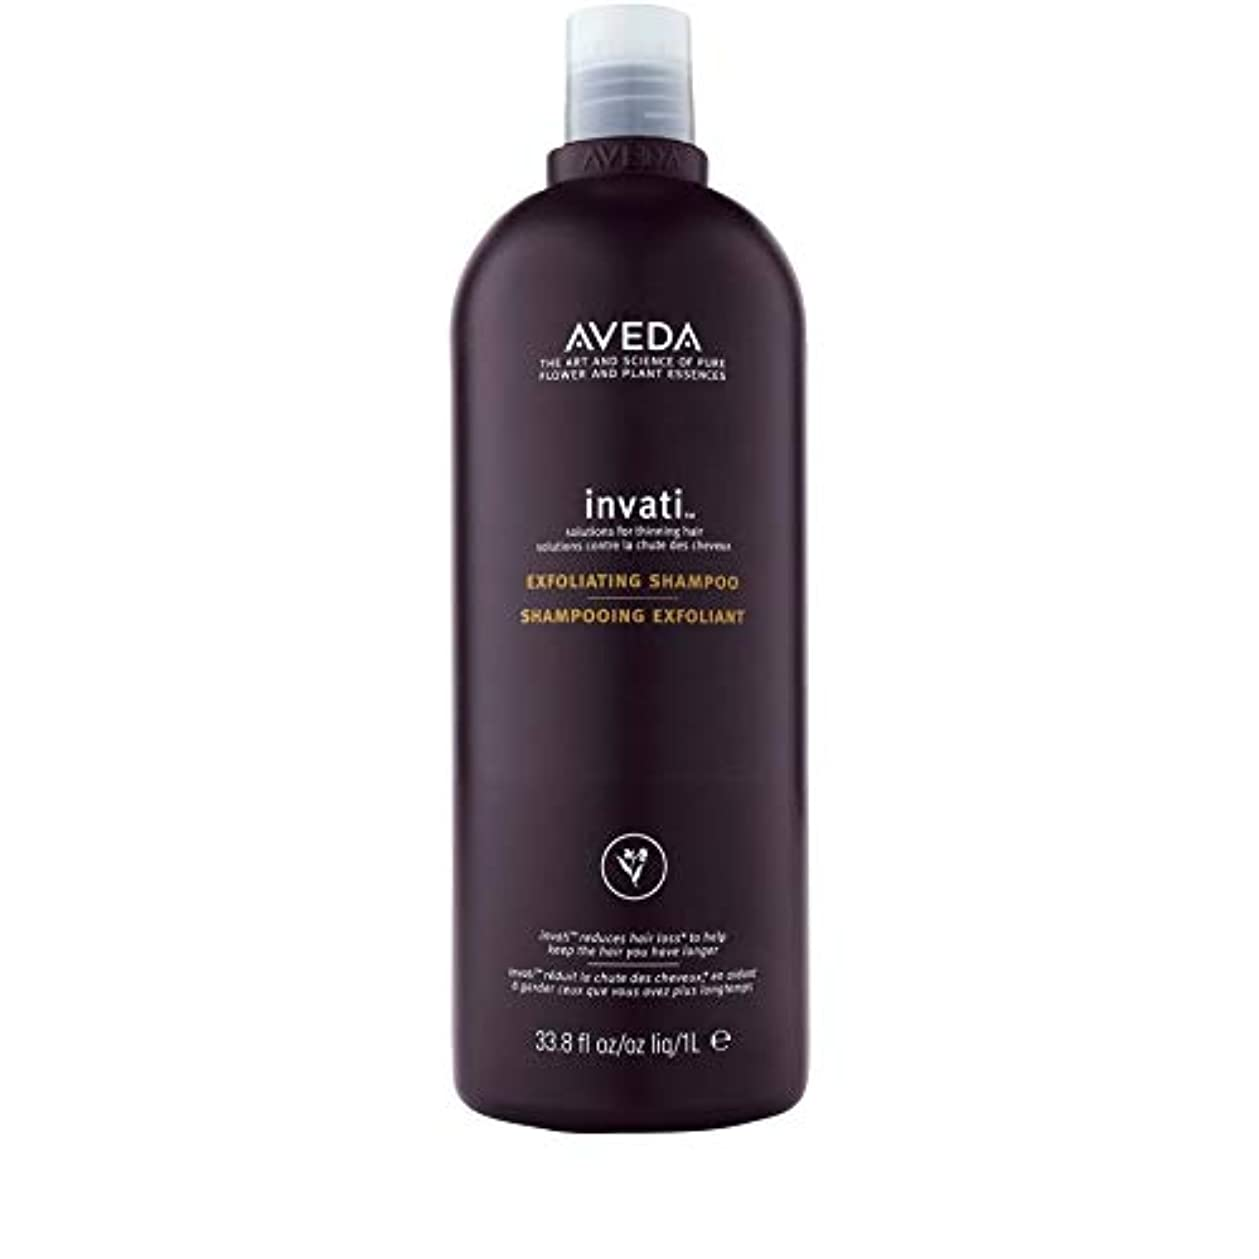 フォーラムまともな無傷[AVEDA ] アヴェダInvati角質シャンプー1リットル - Aveda Invati Exfoliating Shampoo 1L [並行輸入品]